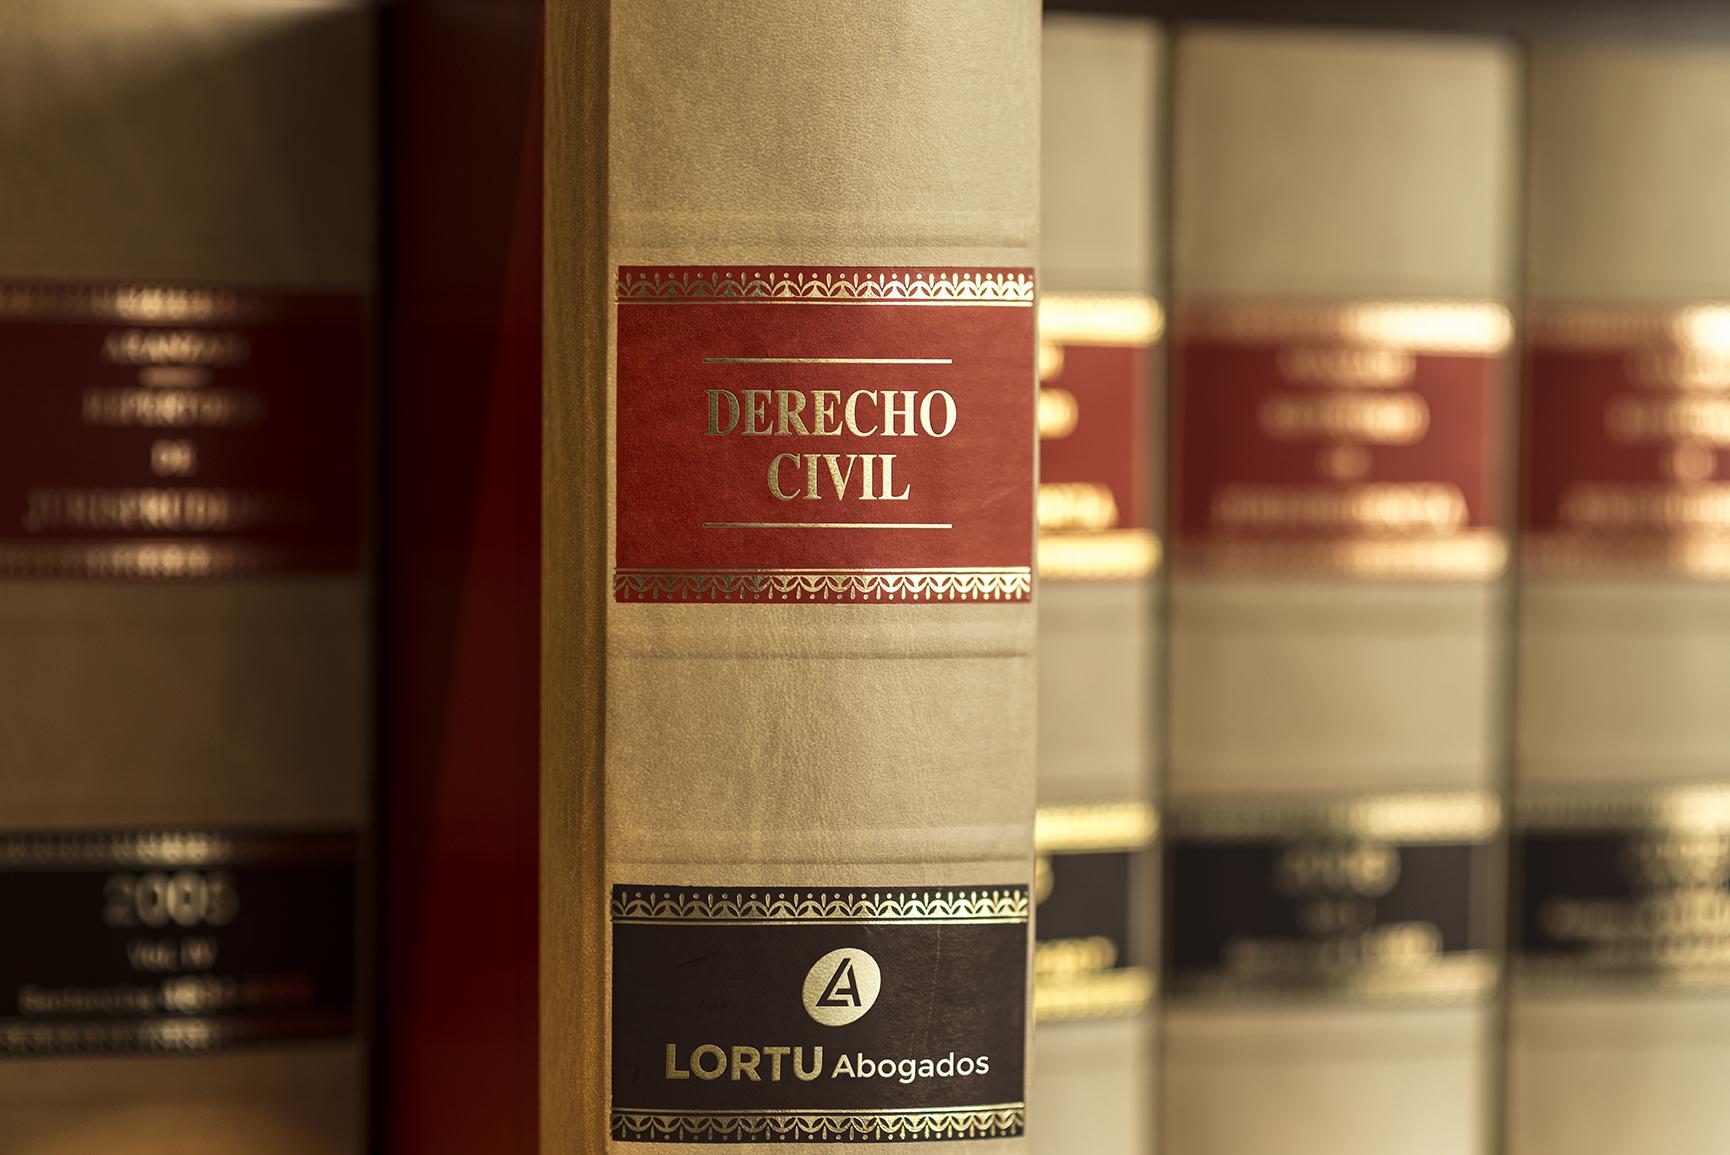 Estudiar Derecho: ¿tiene futuro la carrera de Derecho hoy día?